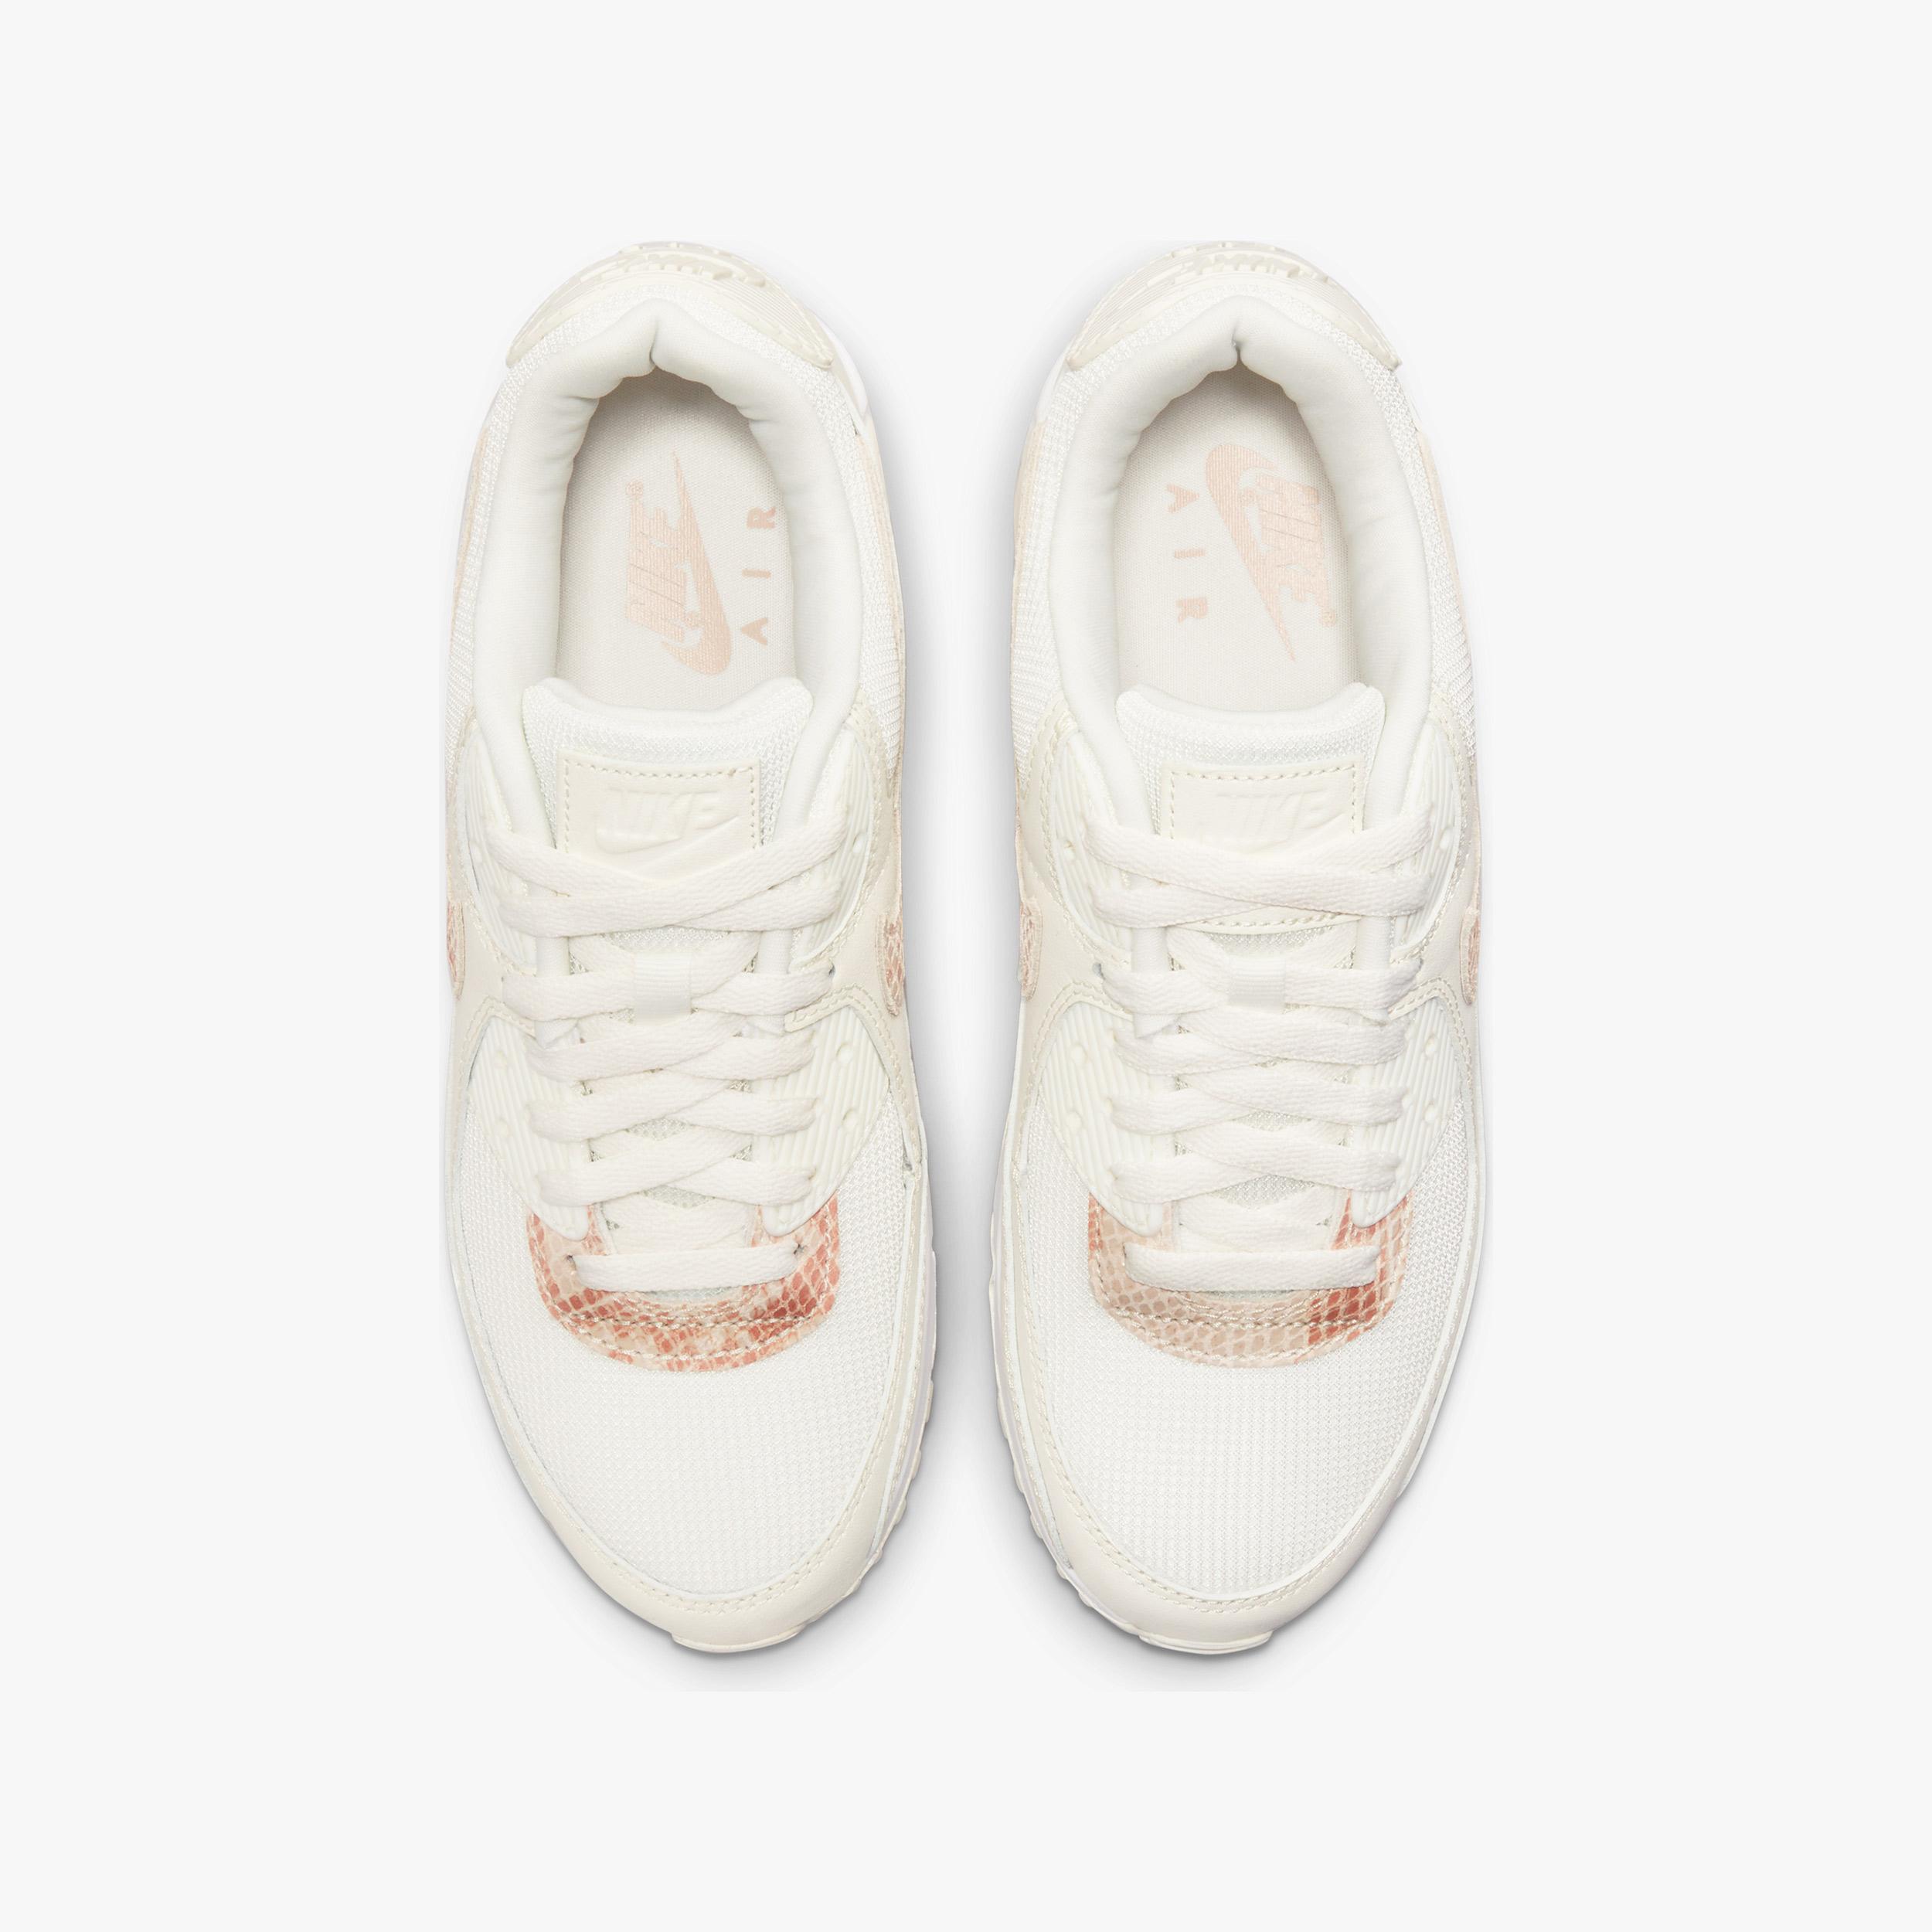 Nike WMNS NIKE AIR MAX 90 AX - Dh4115-101 - SNS   sneakers ...